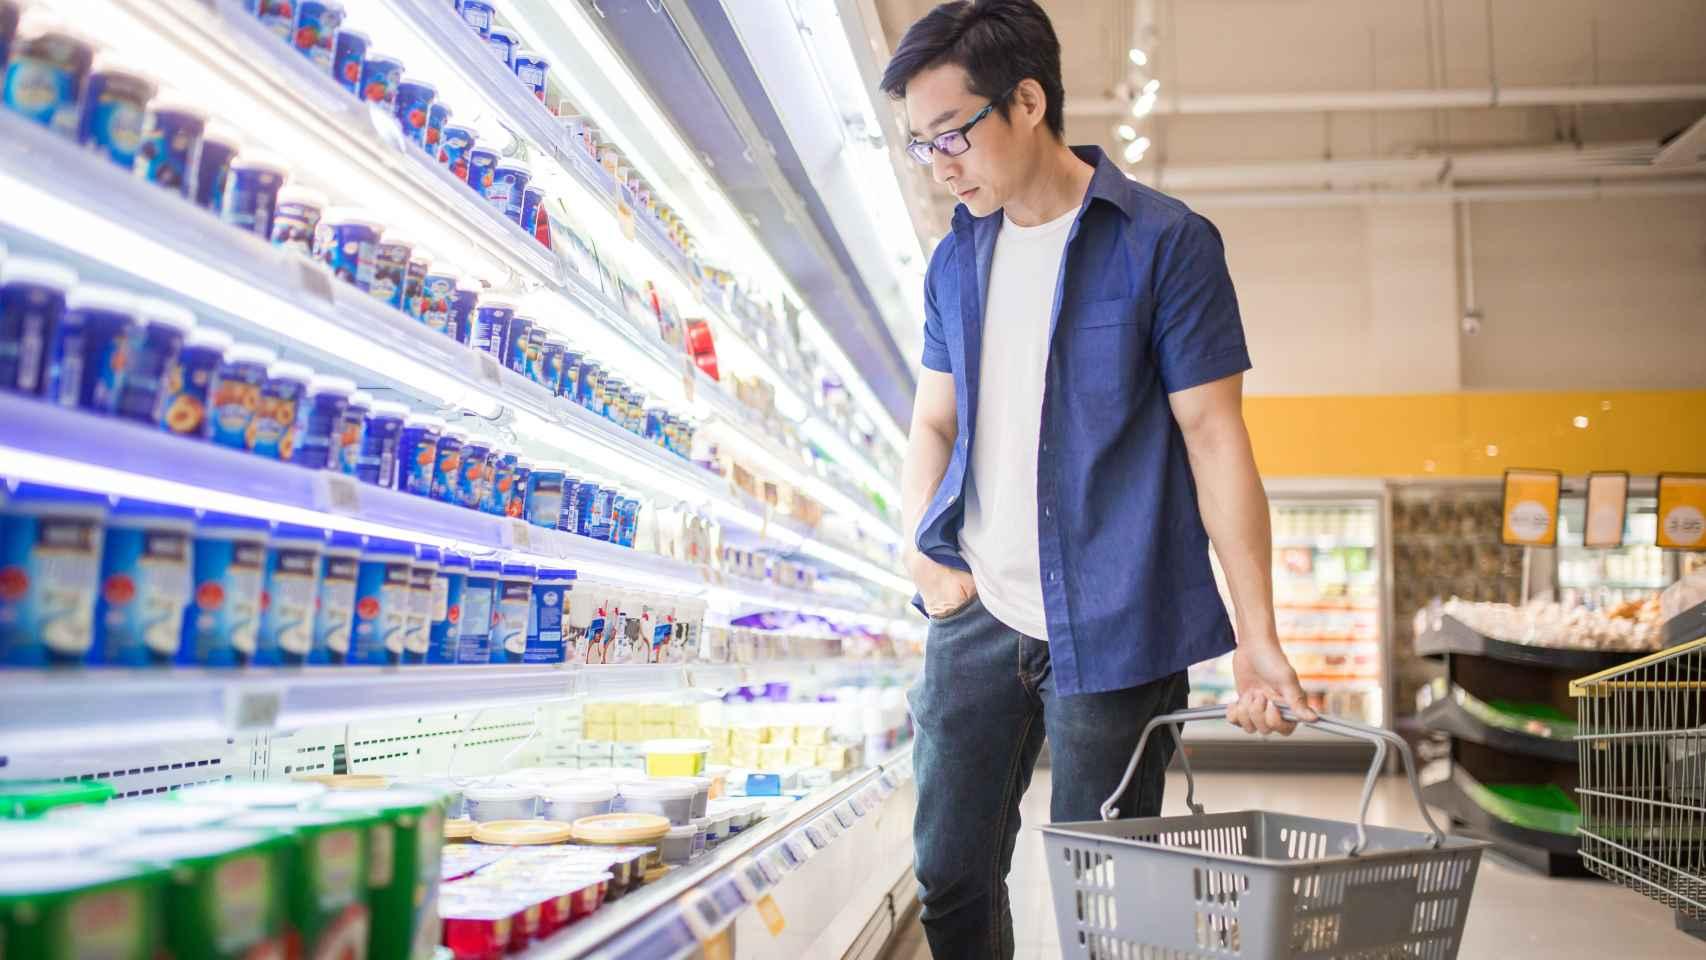 Un hombre busca un yogur entre las estanterías.